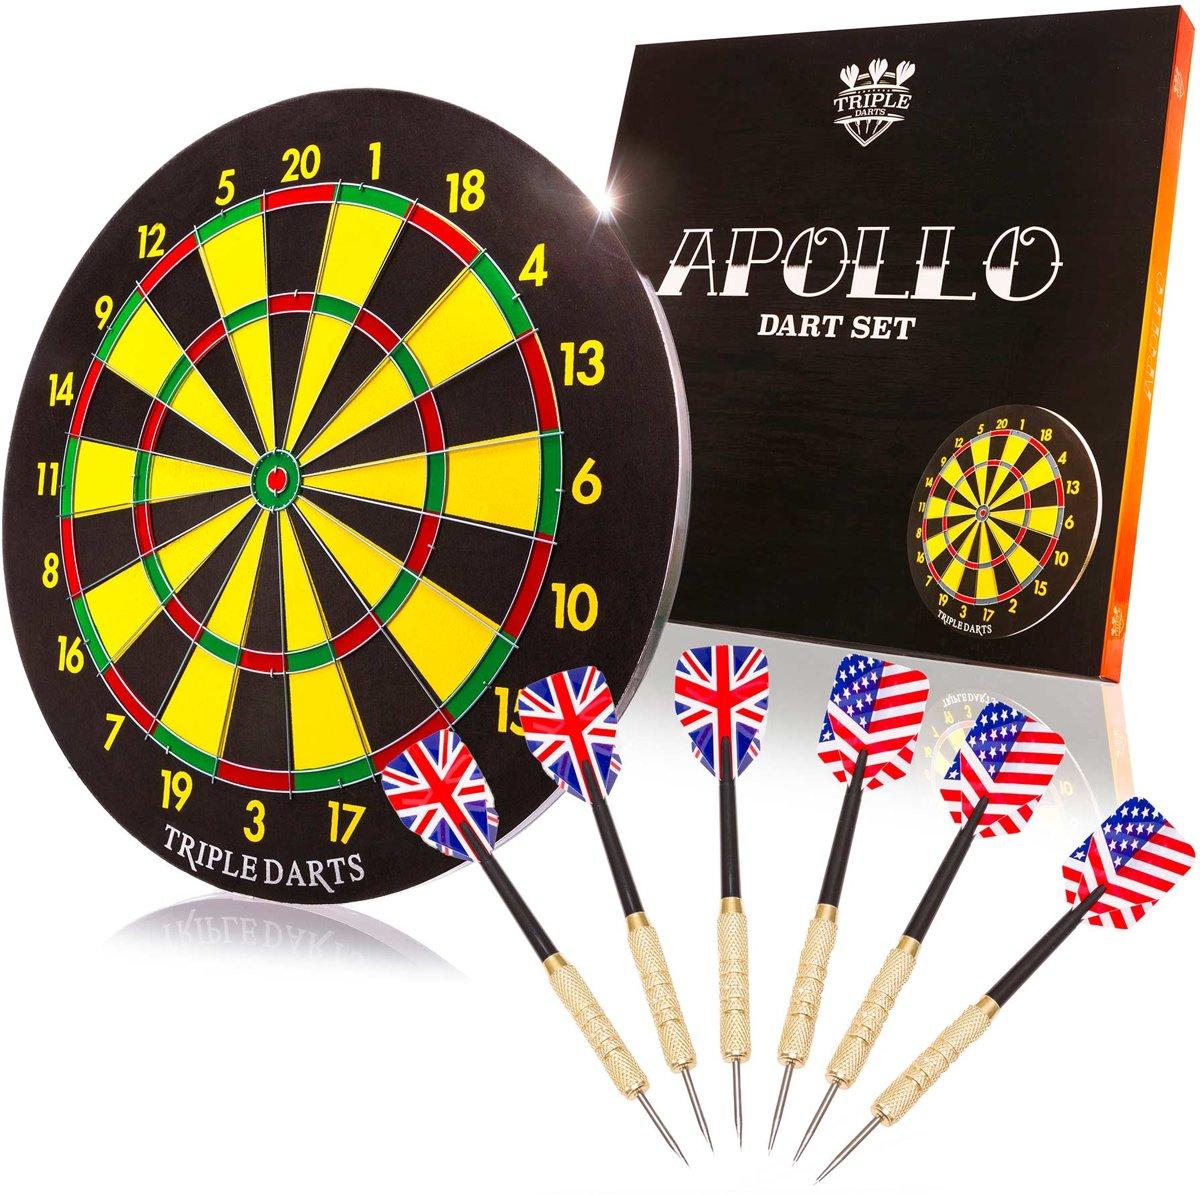 #DoYourDart - DartBord - »Saturn« - incl. 6x Steeltip dartpijlen - Ø bord: 45cm dubbelzijdig speelbaar Steeldarts: 18g, - kopen